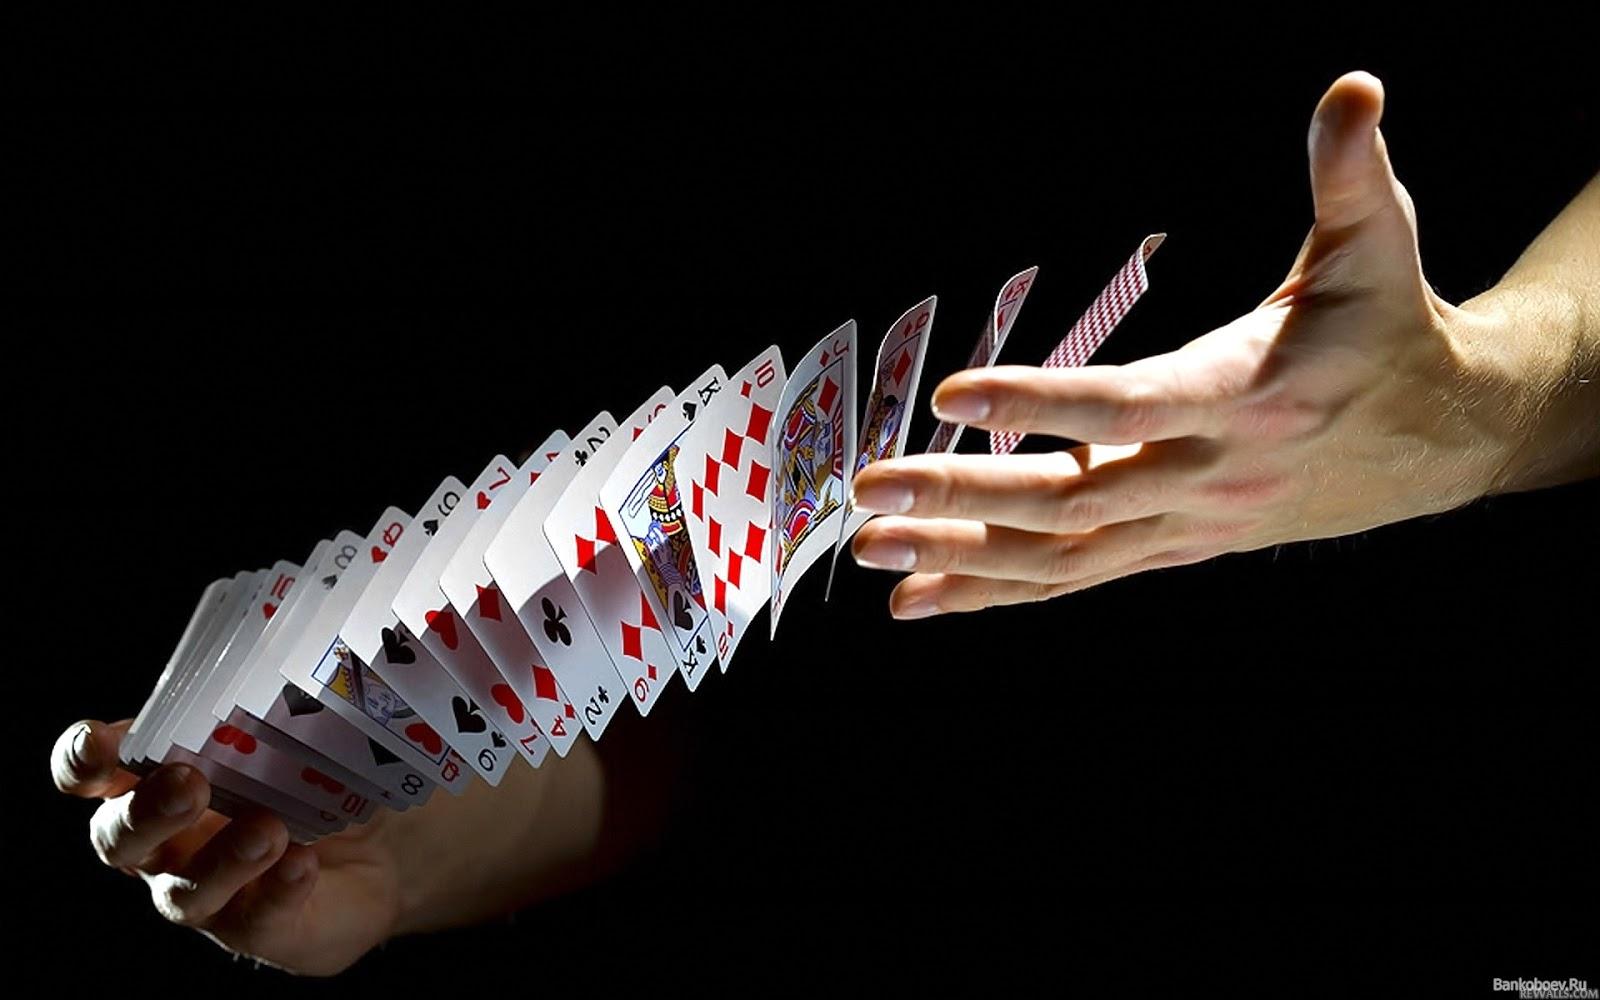 Mainkan permainan Poker Pulsa? Lihat faktanya terlebih dahulu